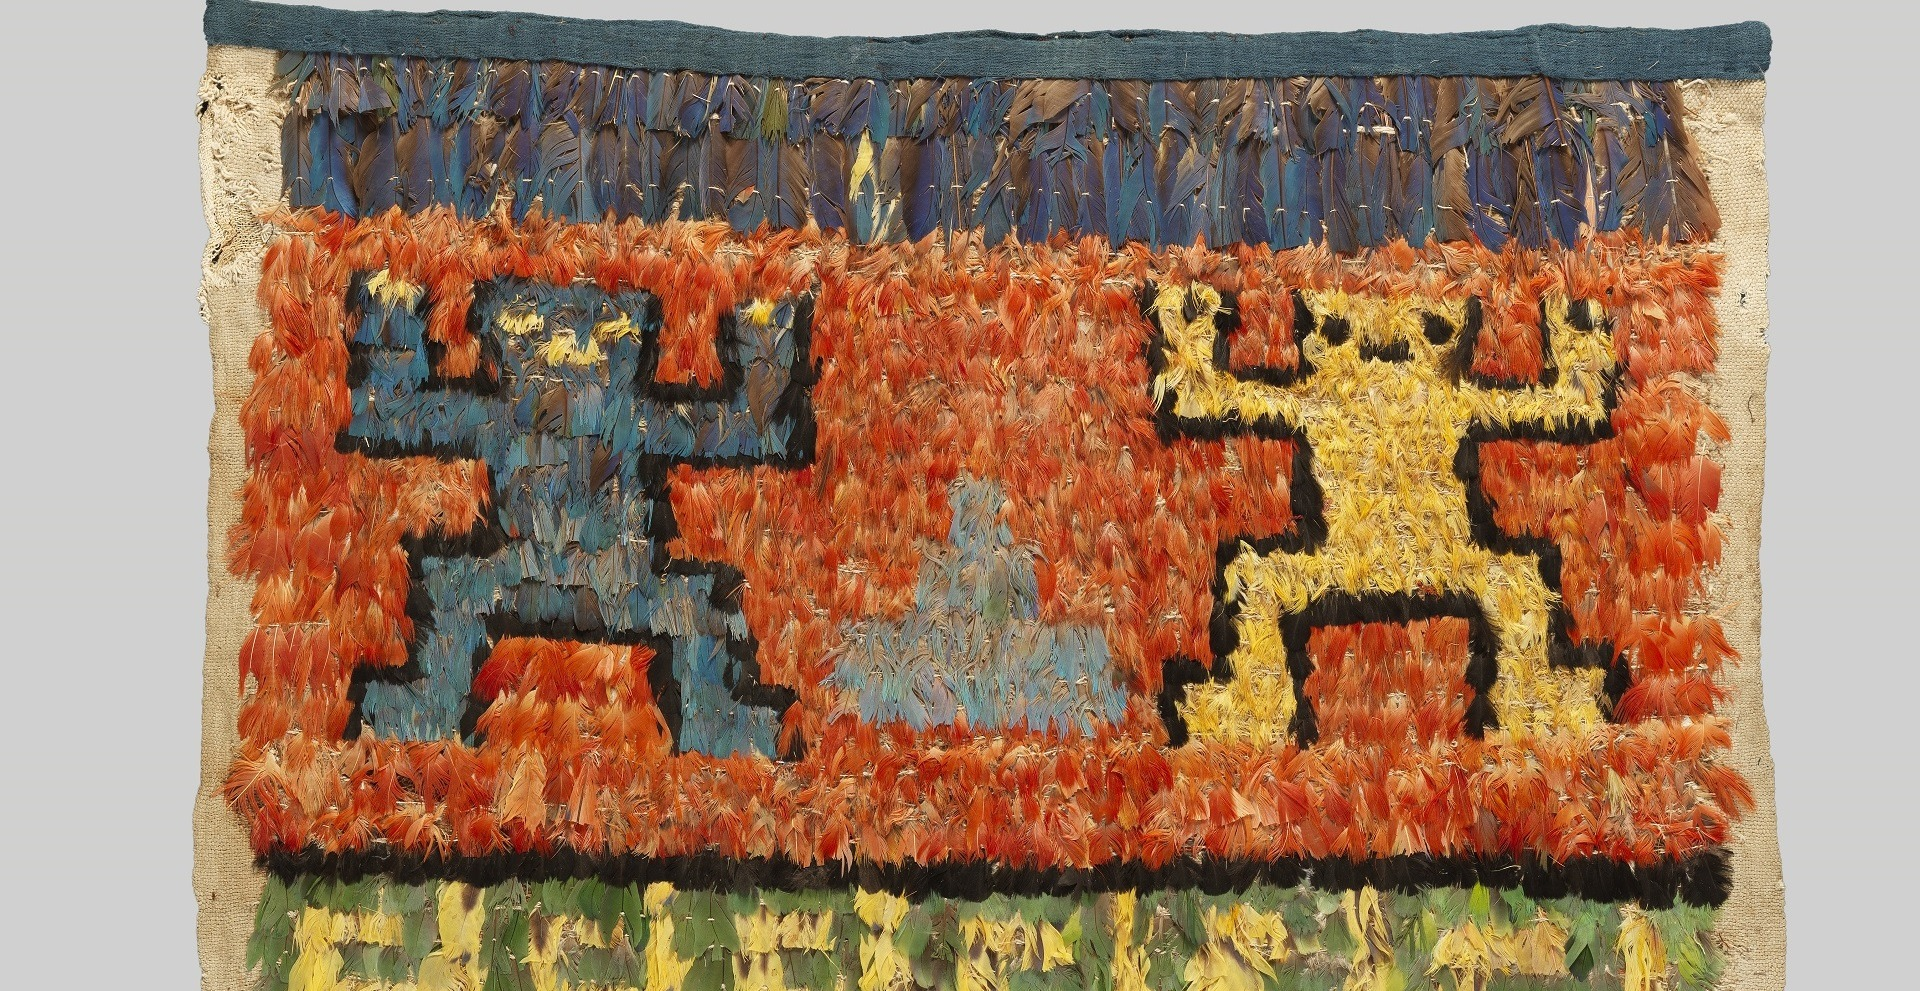 Unku décoré de plumes - Musée des Amériques - Auch